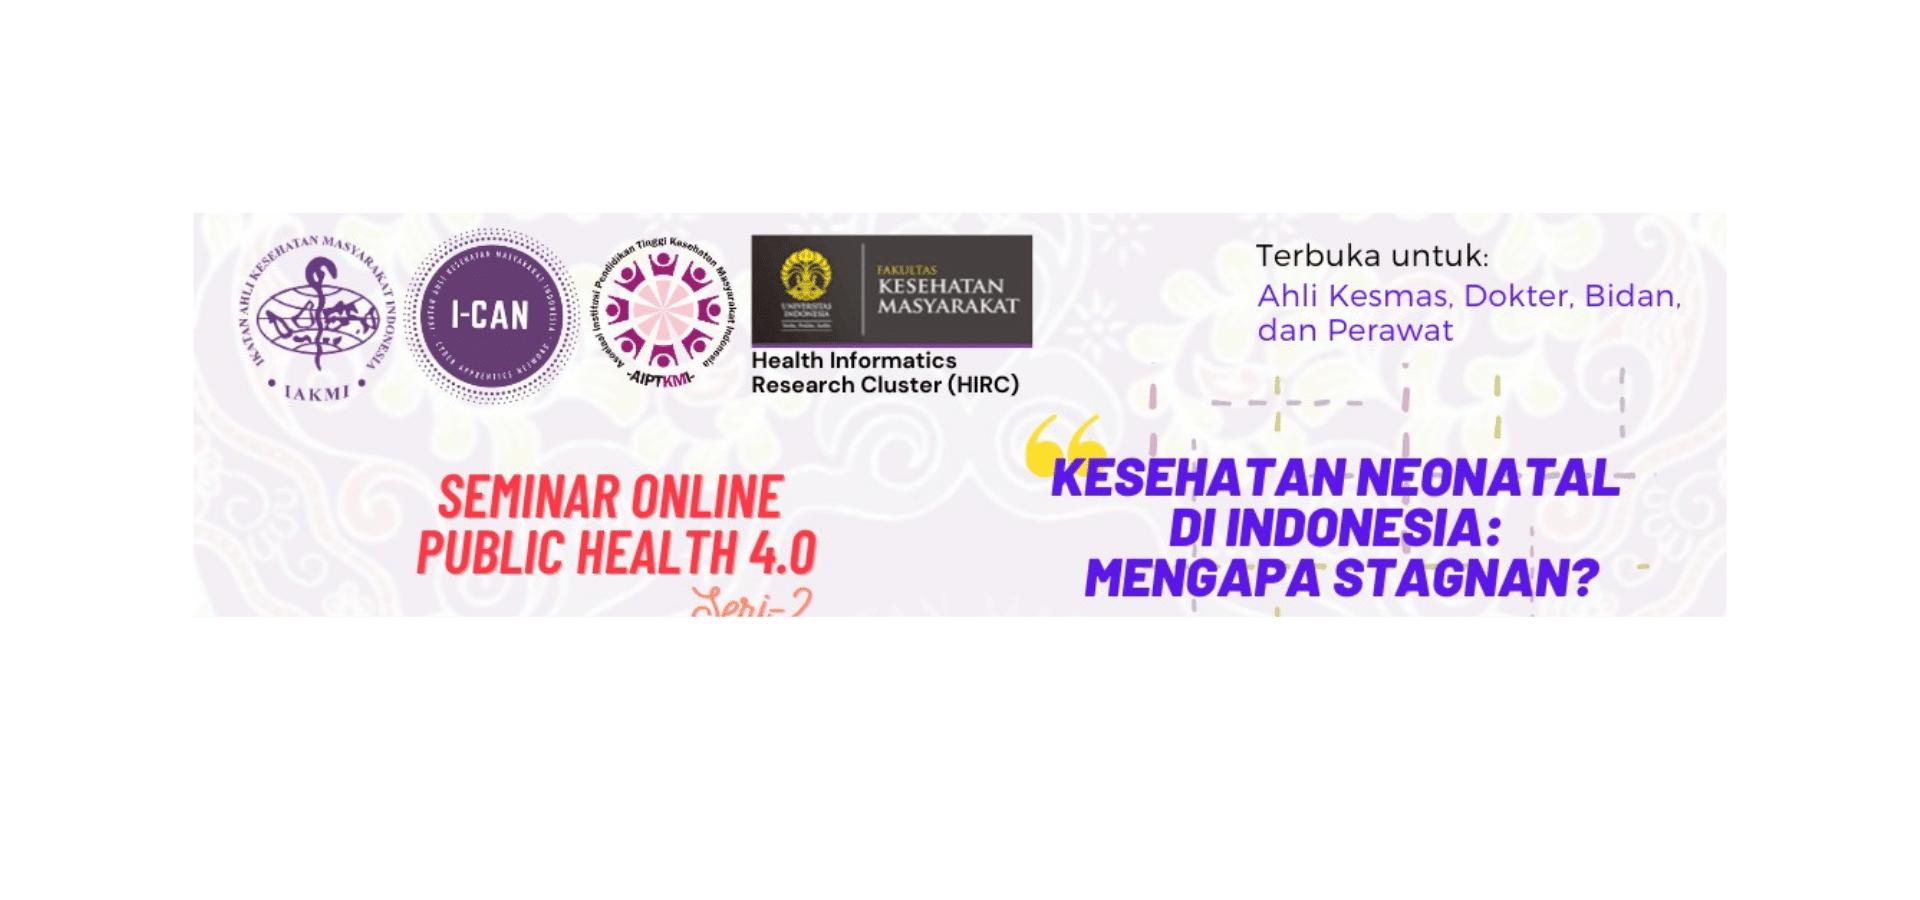 Webinar Series IAKMI Cyber Apprentice Network: Kesehatan Neonatal di Indonesia: Mengapa Stagnan?